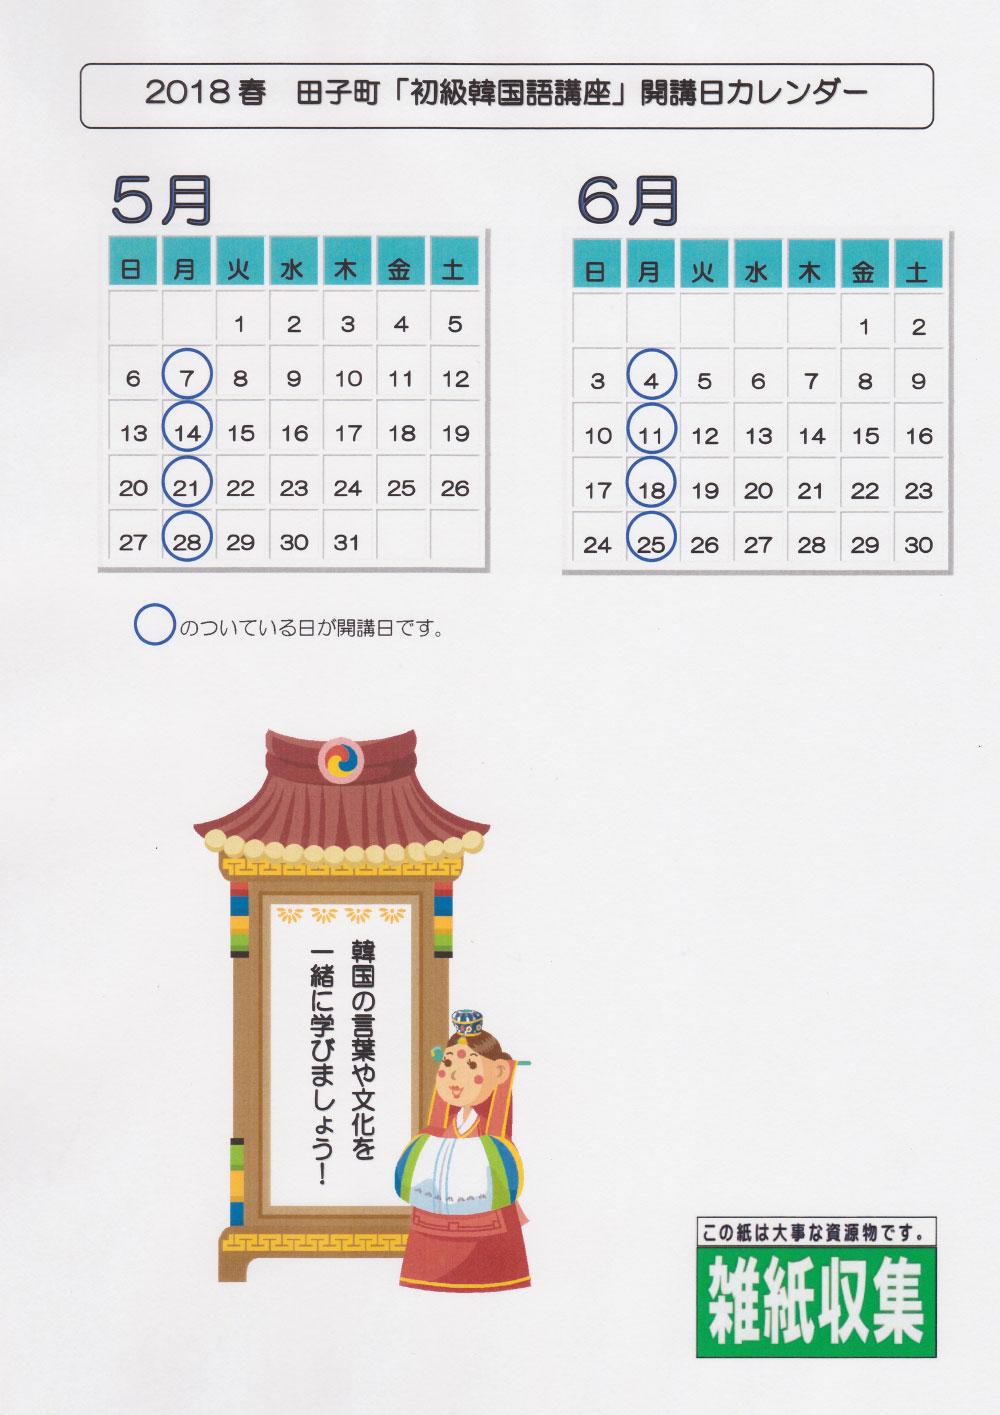 田子町初級韓国語講座 開講日カレンダー